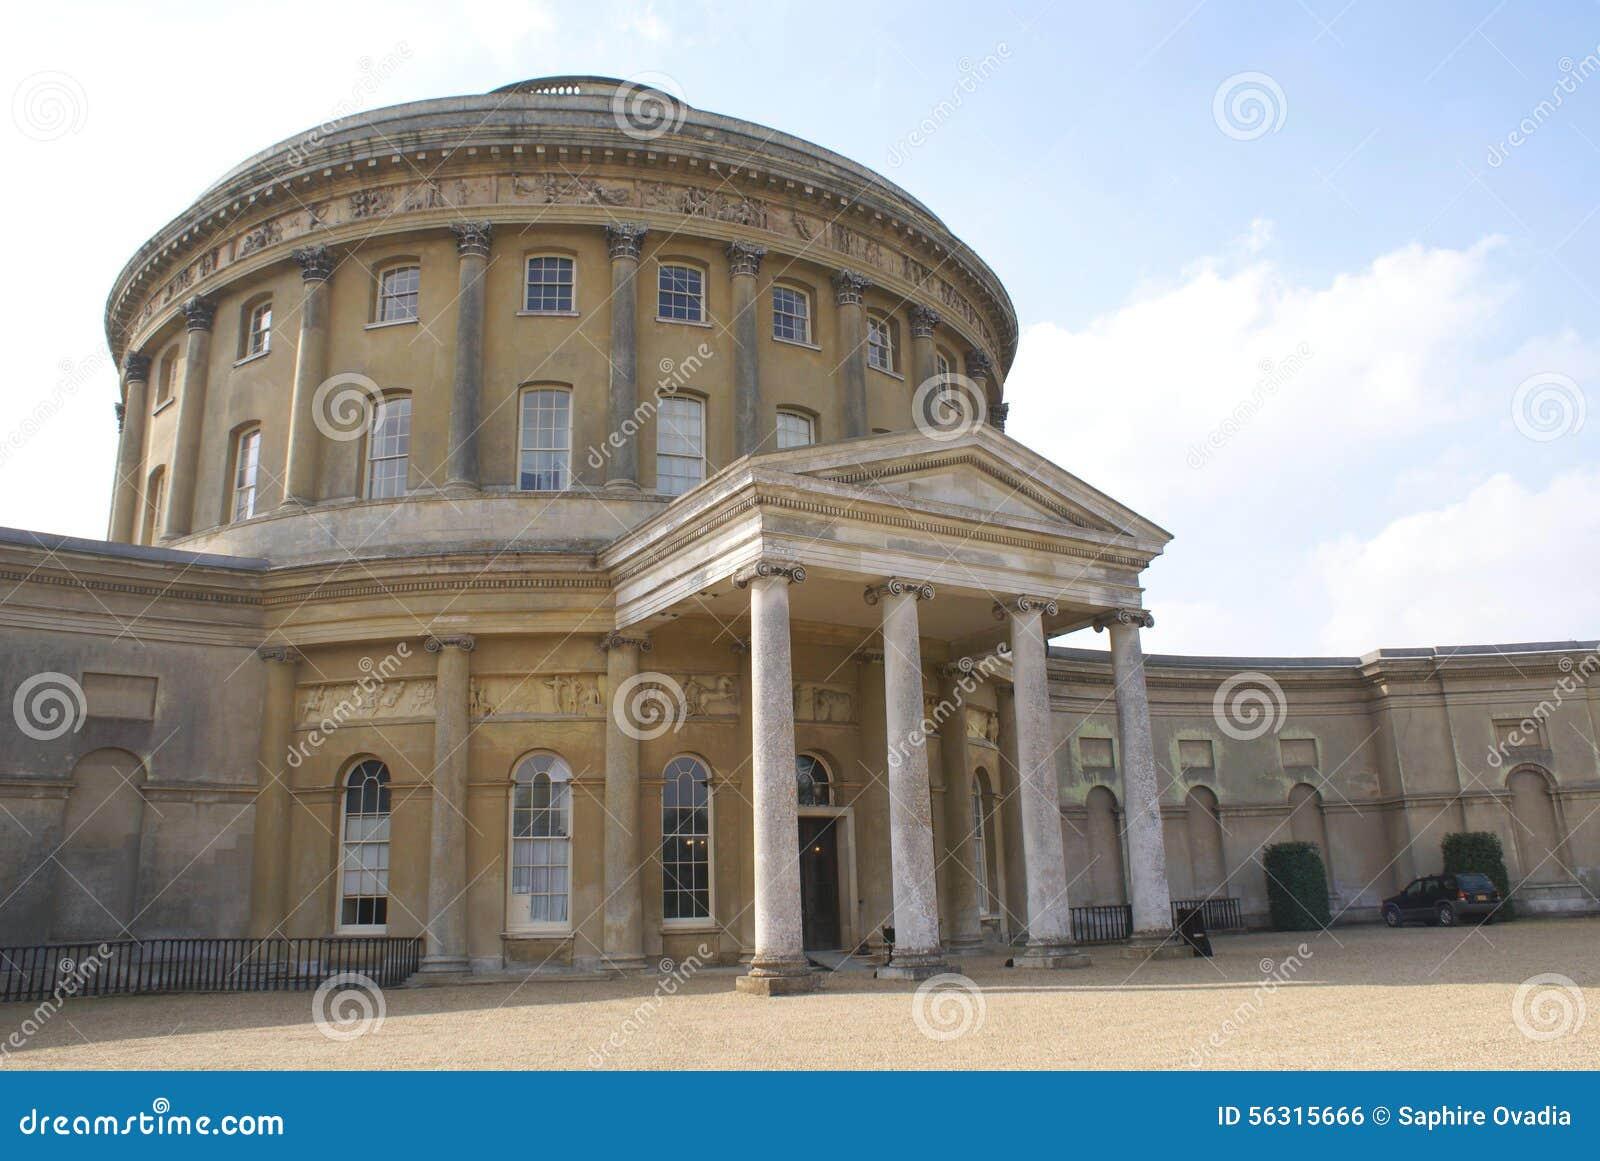 architettura neoclassica fotografia stock immagine di